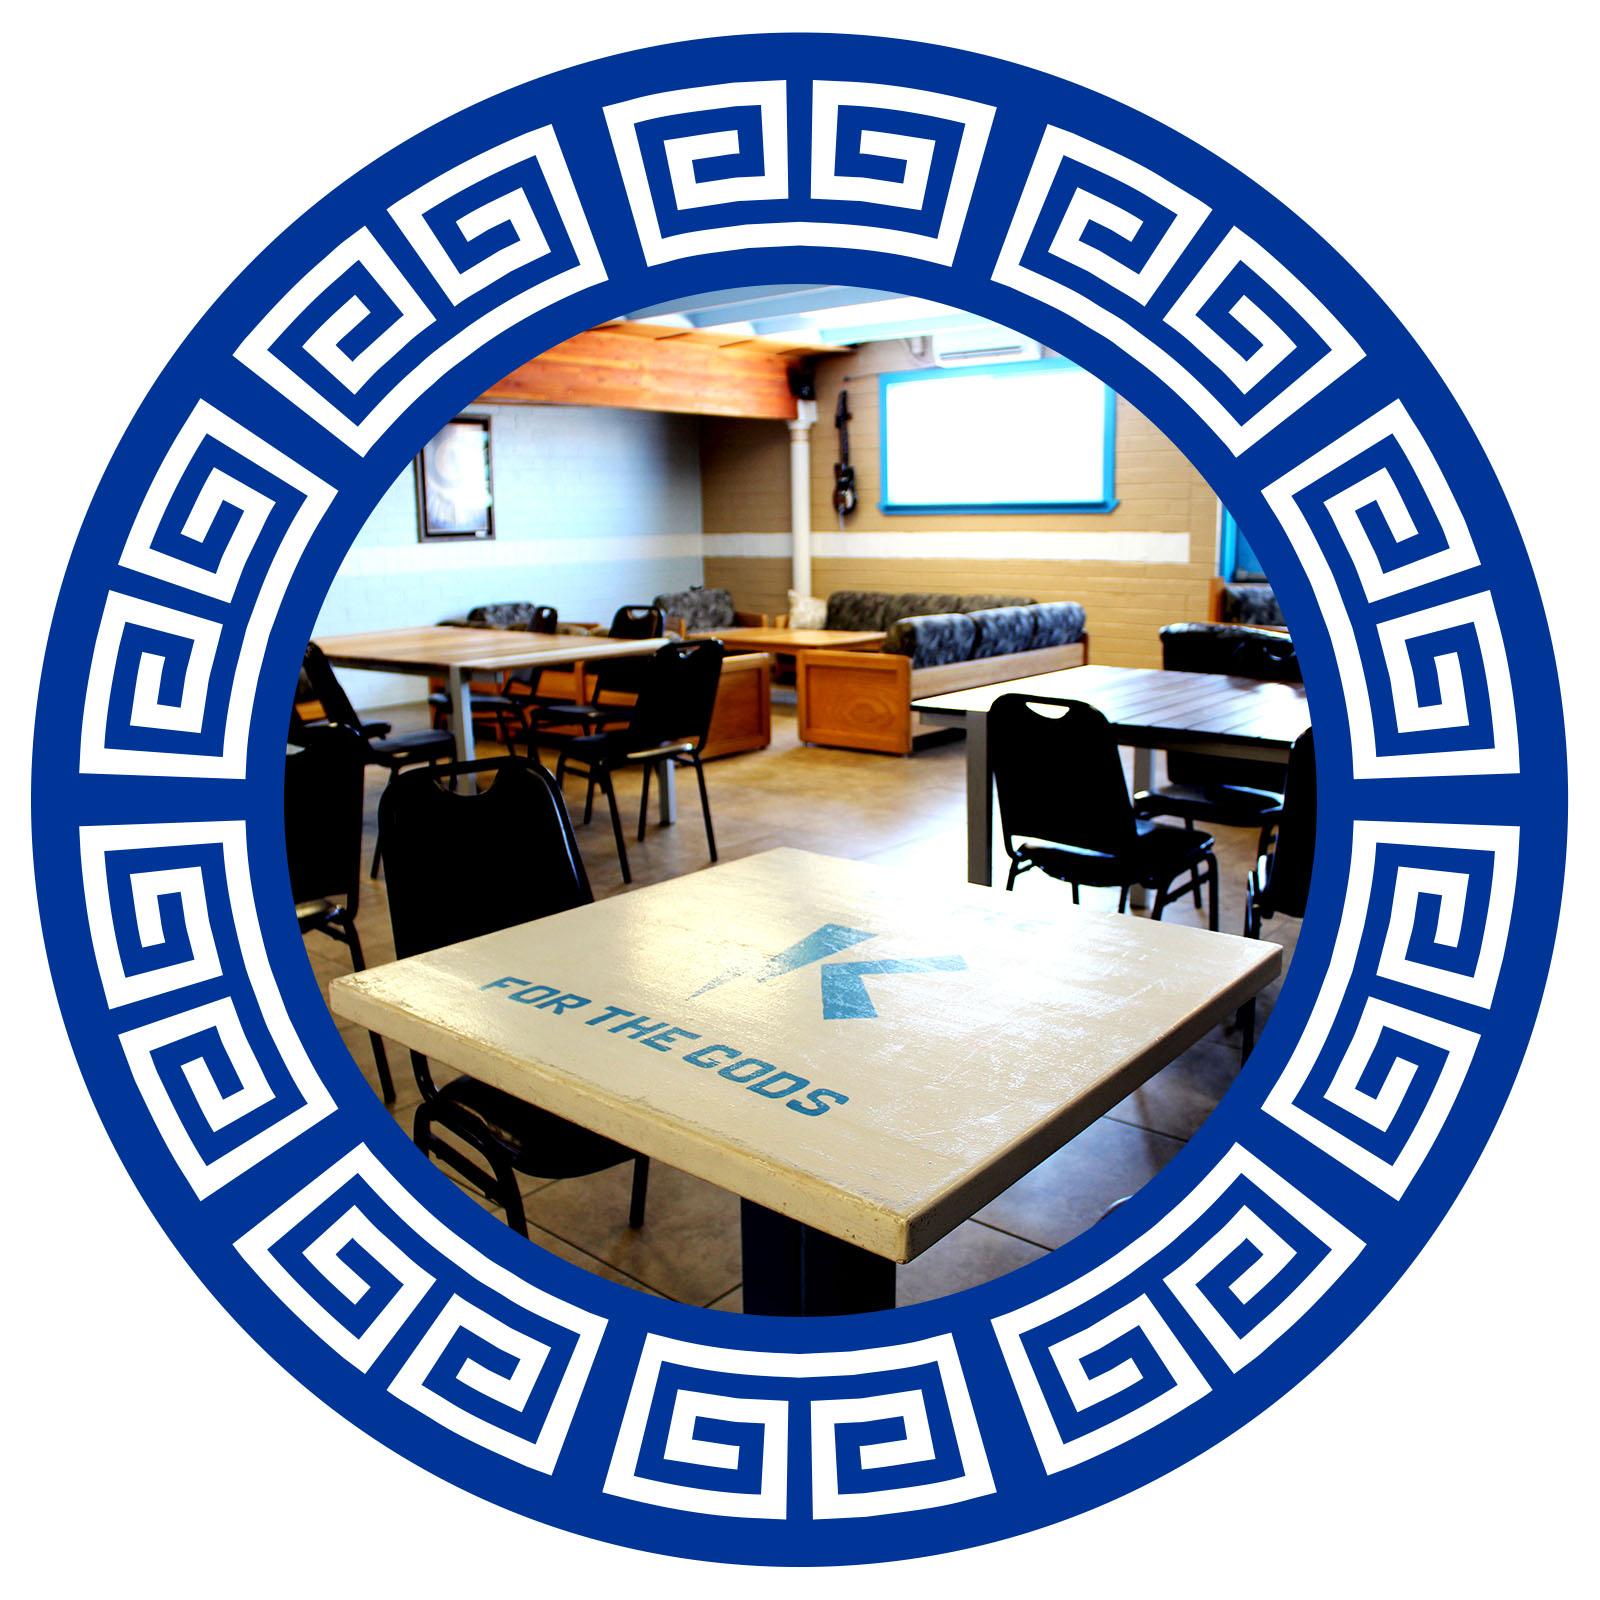 Cafe Lounge -